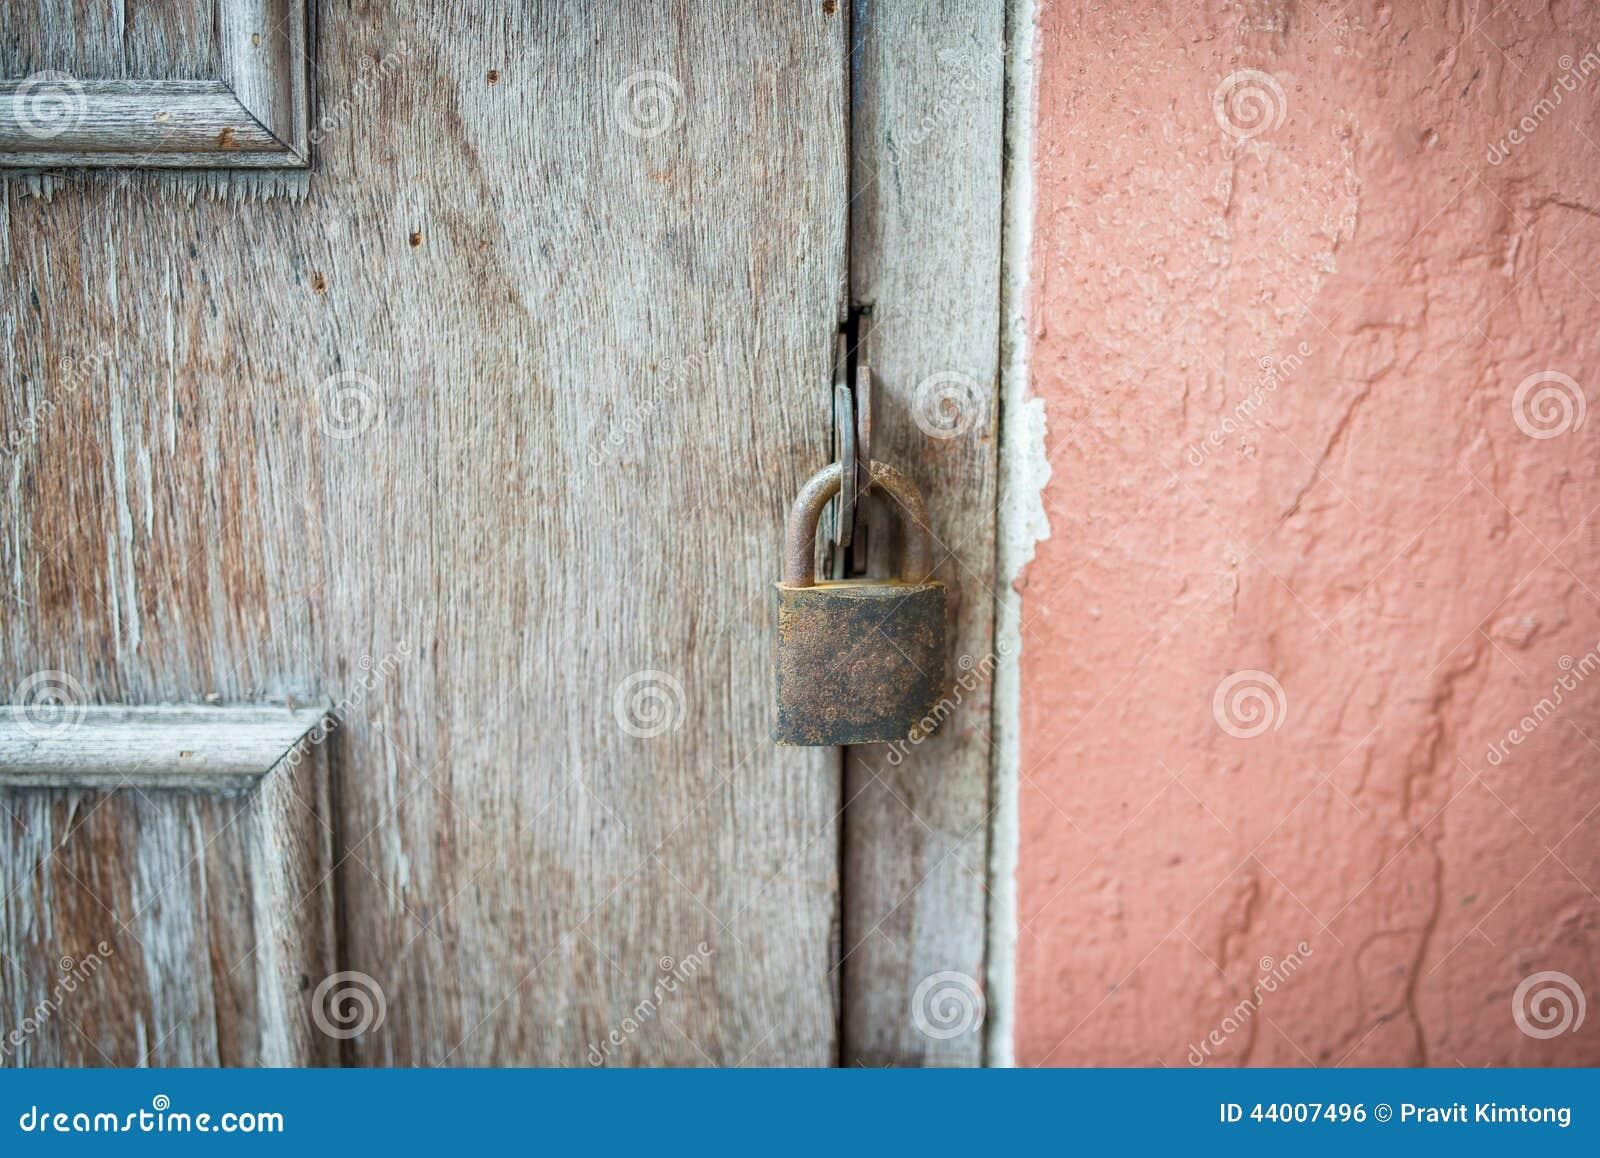 Vieille Porte En Bois Ancienne locked the old wood door stock photo. image of lock, metal